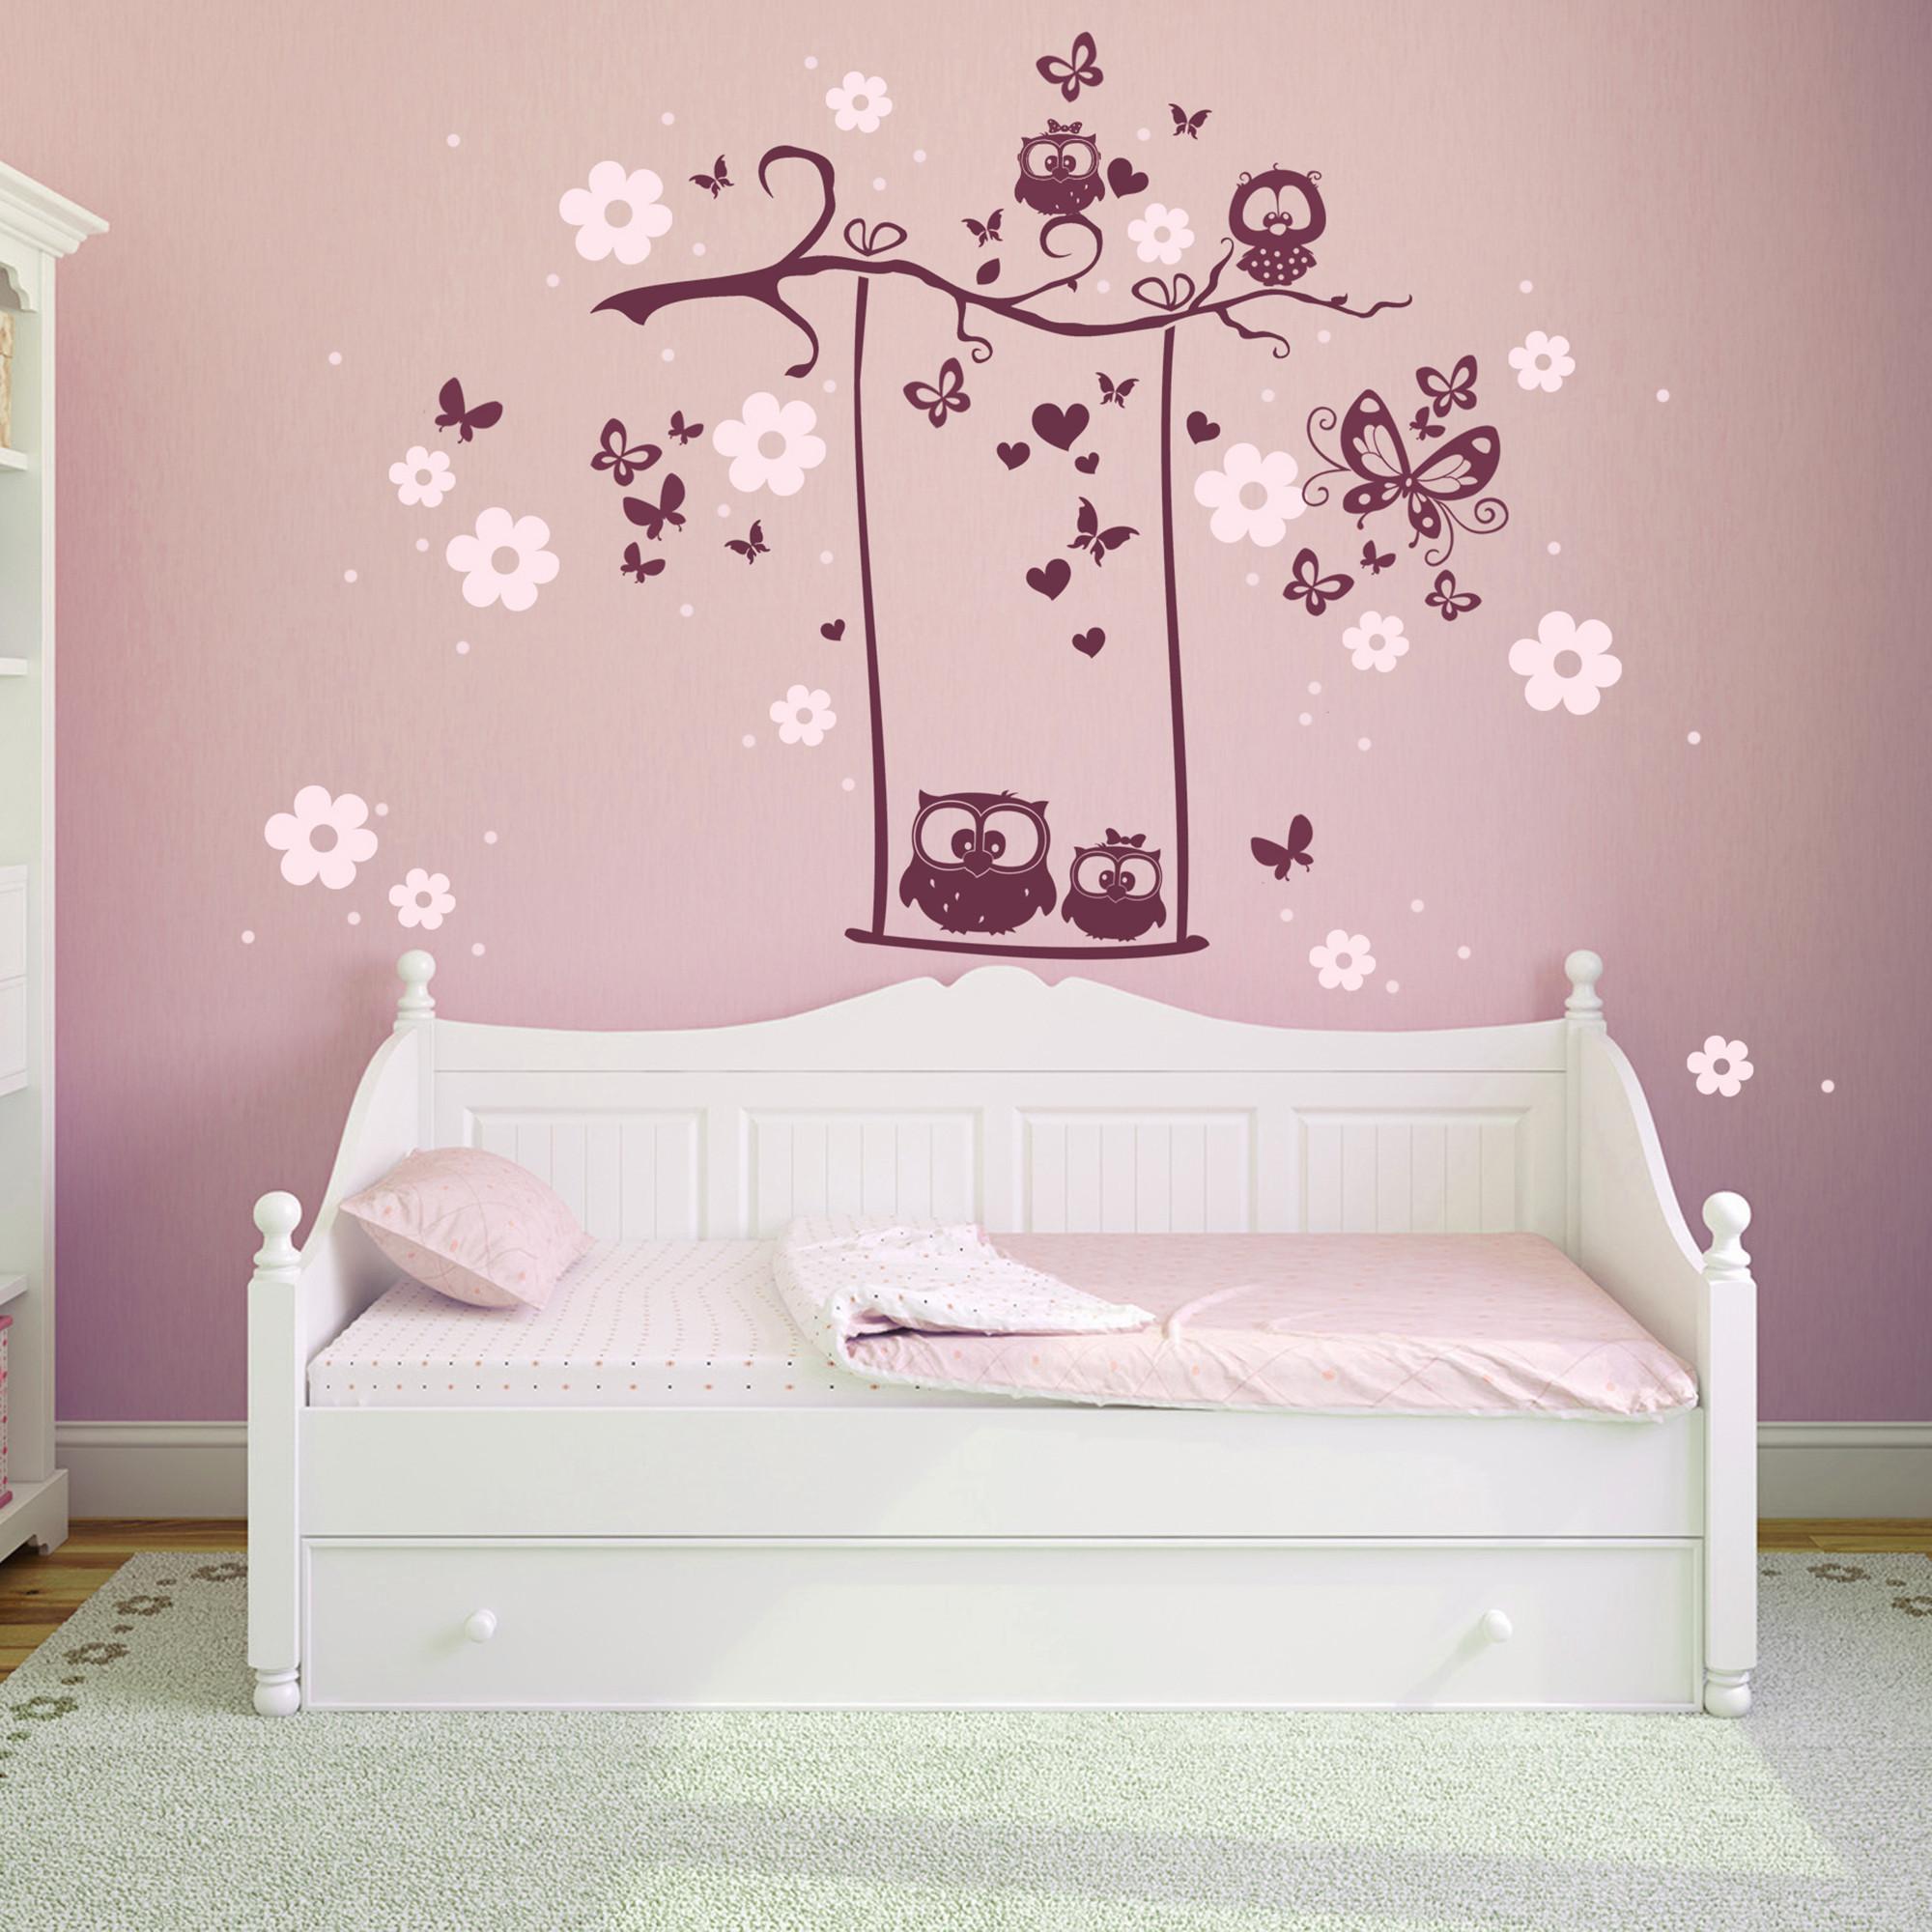 wandtattoo eulenschaukel eulen auf ast mit bl ten und schmetterlingen zweifarbig m1024. Black Bedroom Furniture Sets. Home Design Ideas